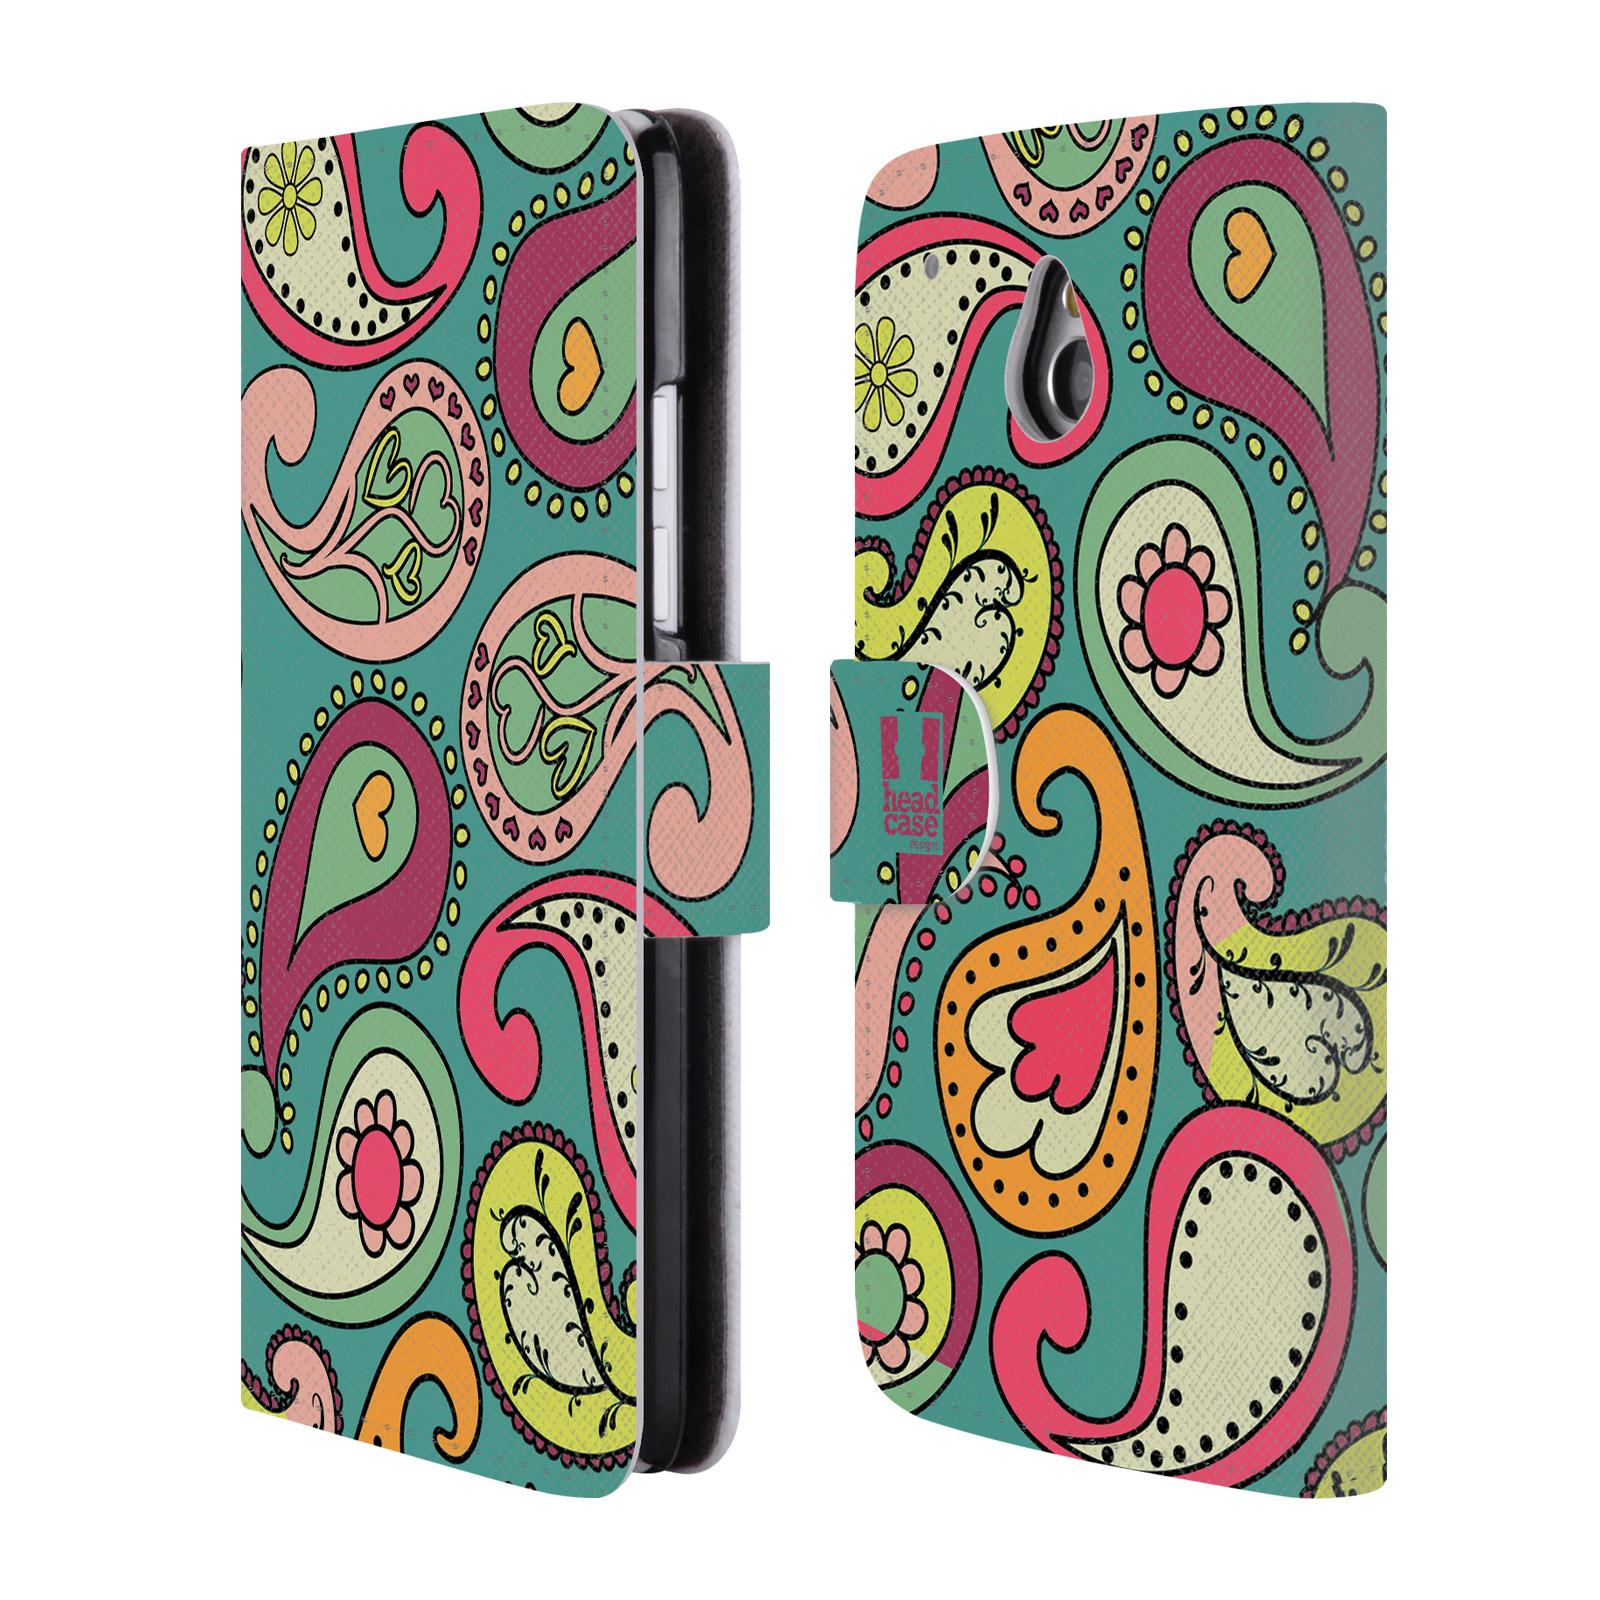 HEAD CASE Flipové pouzdro pro mobil HTC ONE MINI (M4) barevné slzy tyrkysová